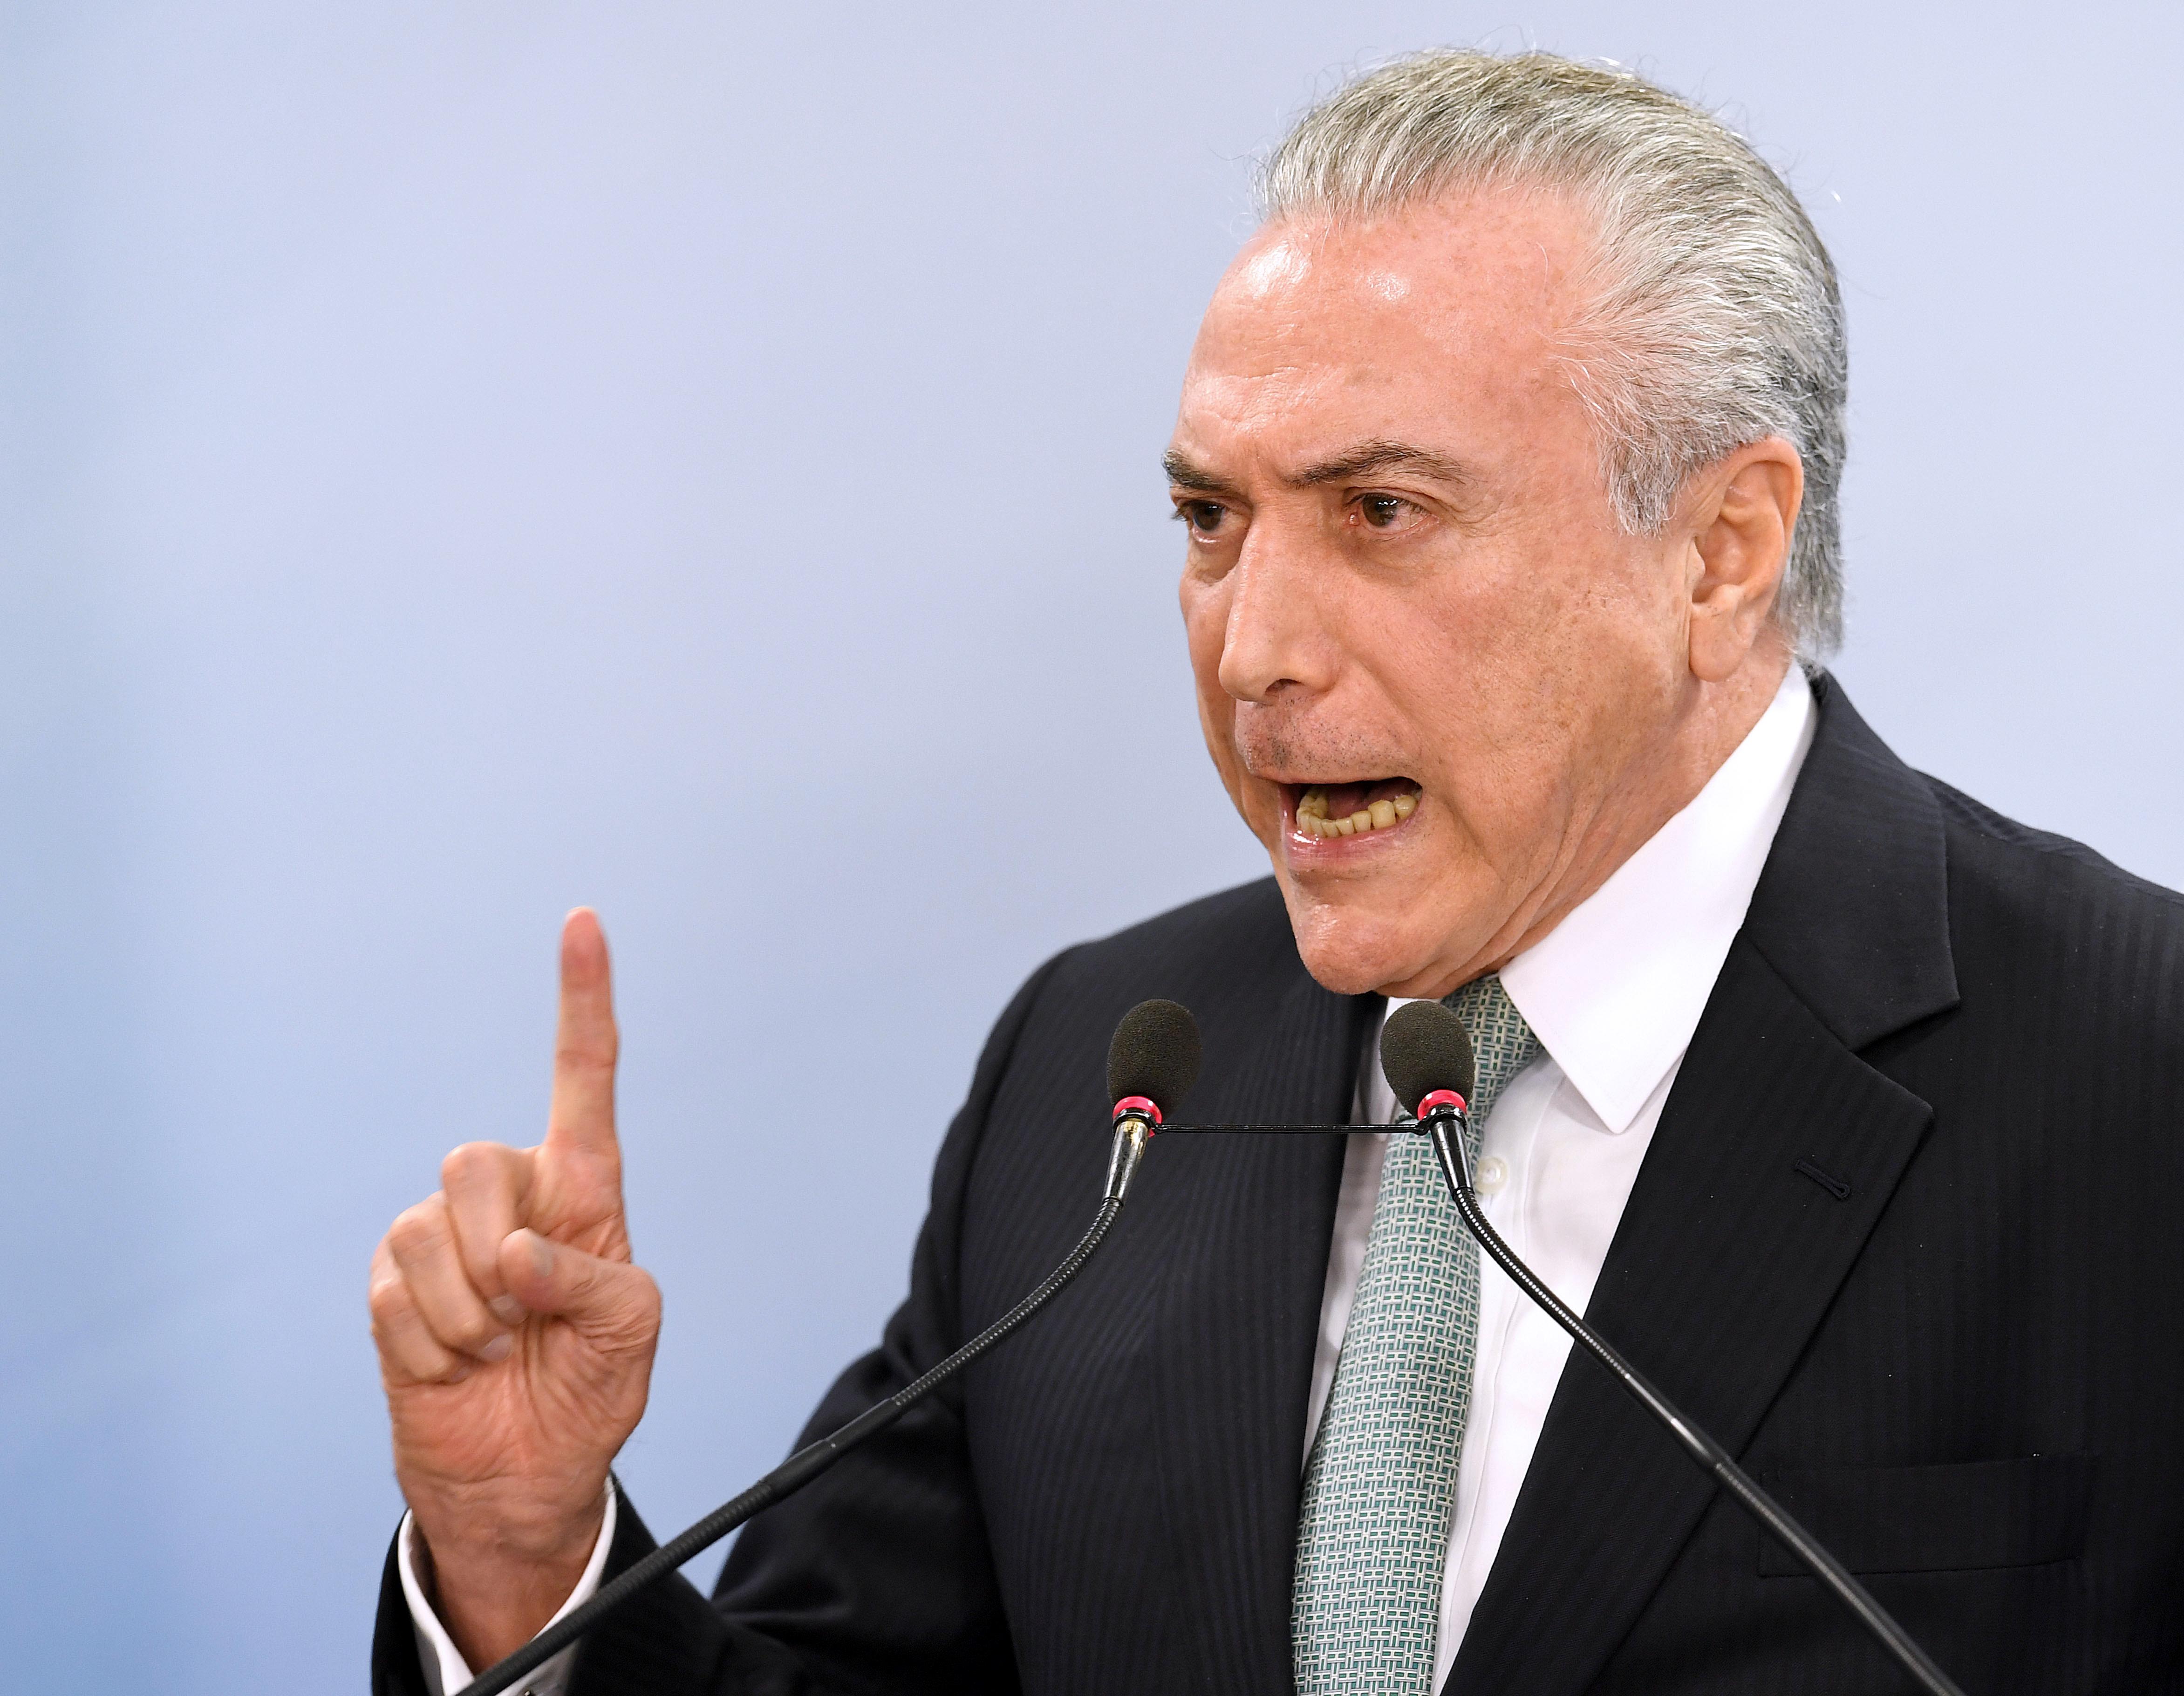 A brazil elnök arra használta a karácsonyt, hogy megkegyelmezzen korrupció miatt elítélt bűnözőknek